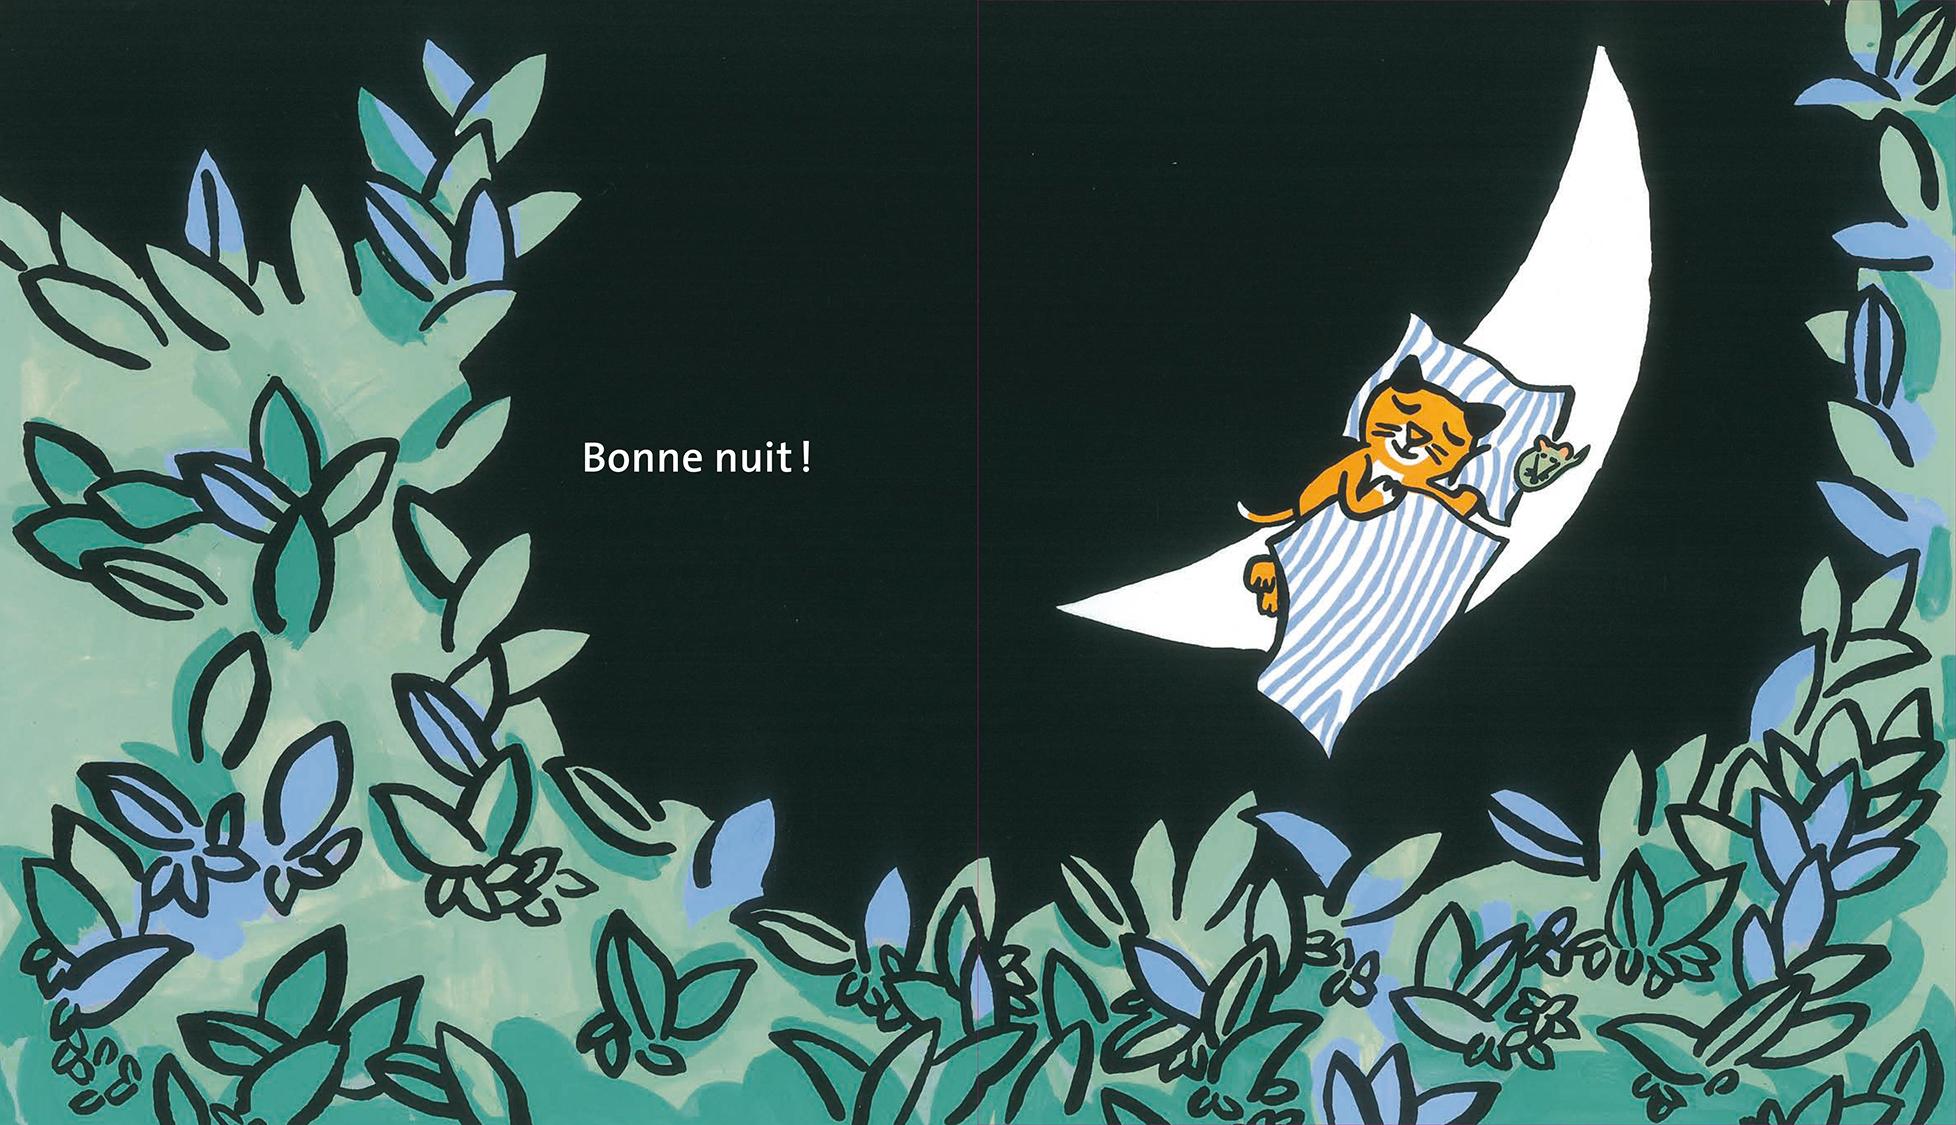 Le rêve de griffachat Magali Bardos Pastel L'école des loisirs album cartonné 0-3 ans chat nuit silhouette transformation lune souris château dodo sur la lune